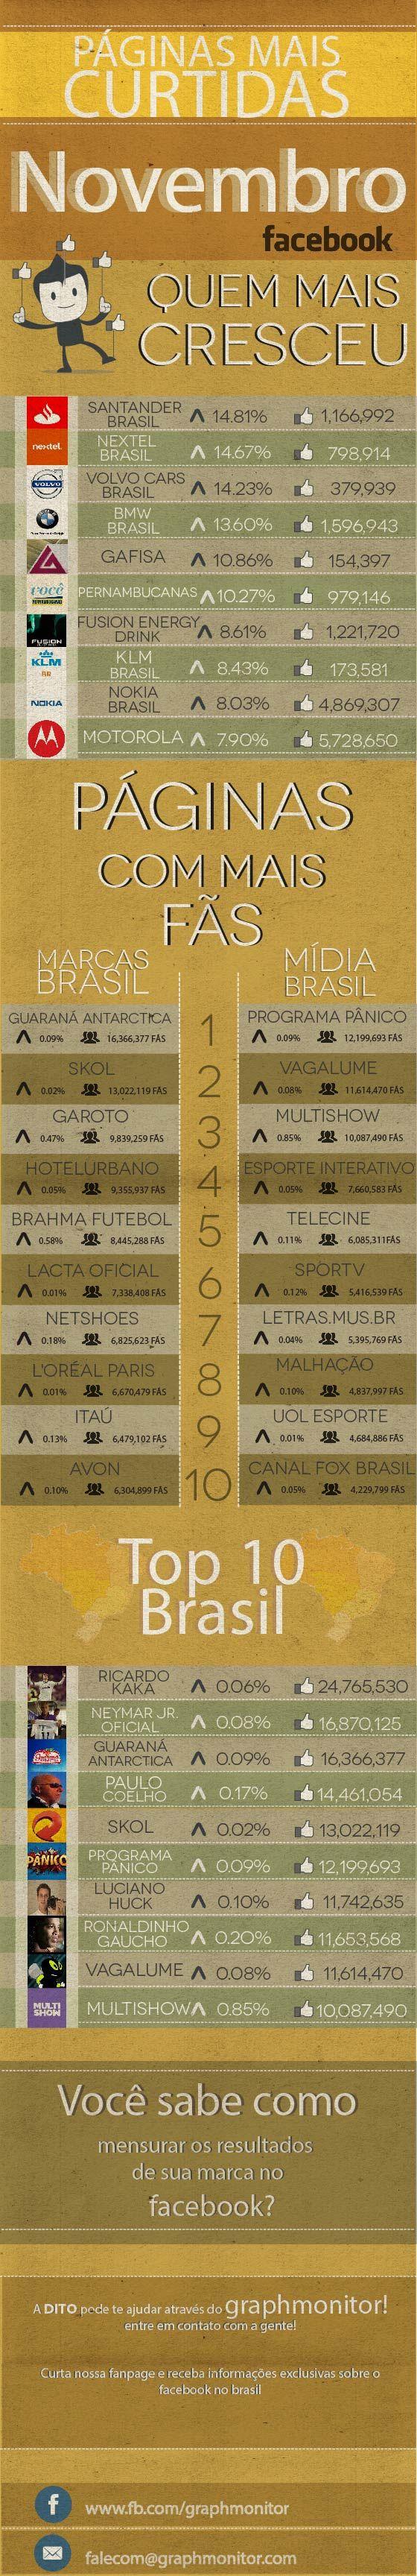 #Infografico As páginas mais curtidas no mês de novembro 2013